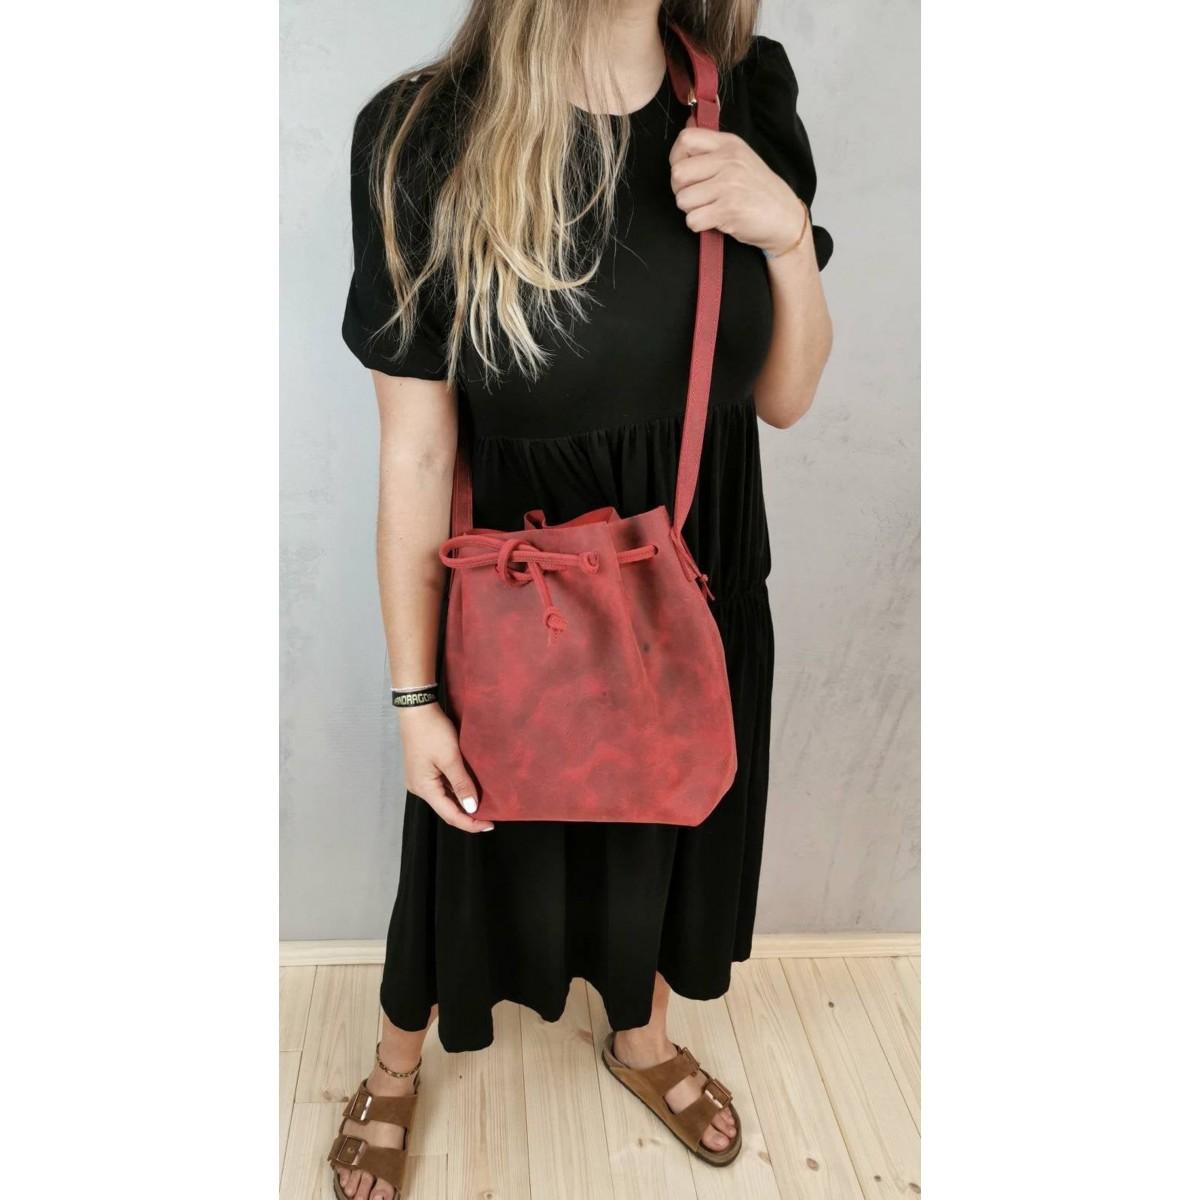 BSAITE Rote Beuteltasche / Shopper / Bucket Bag / Echt Leder